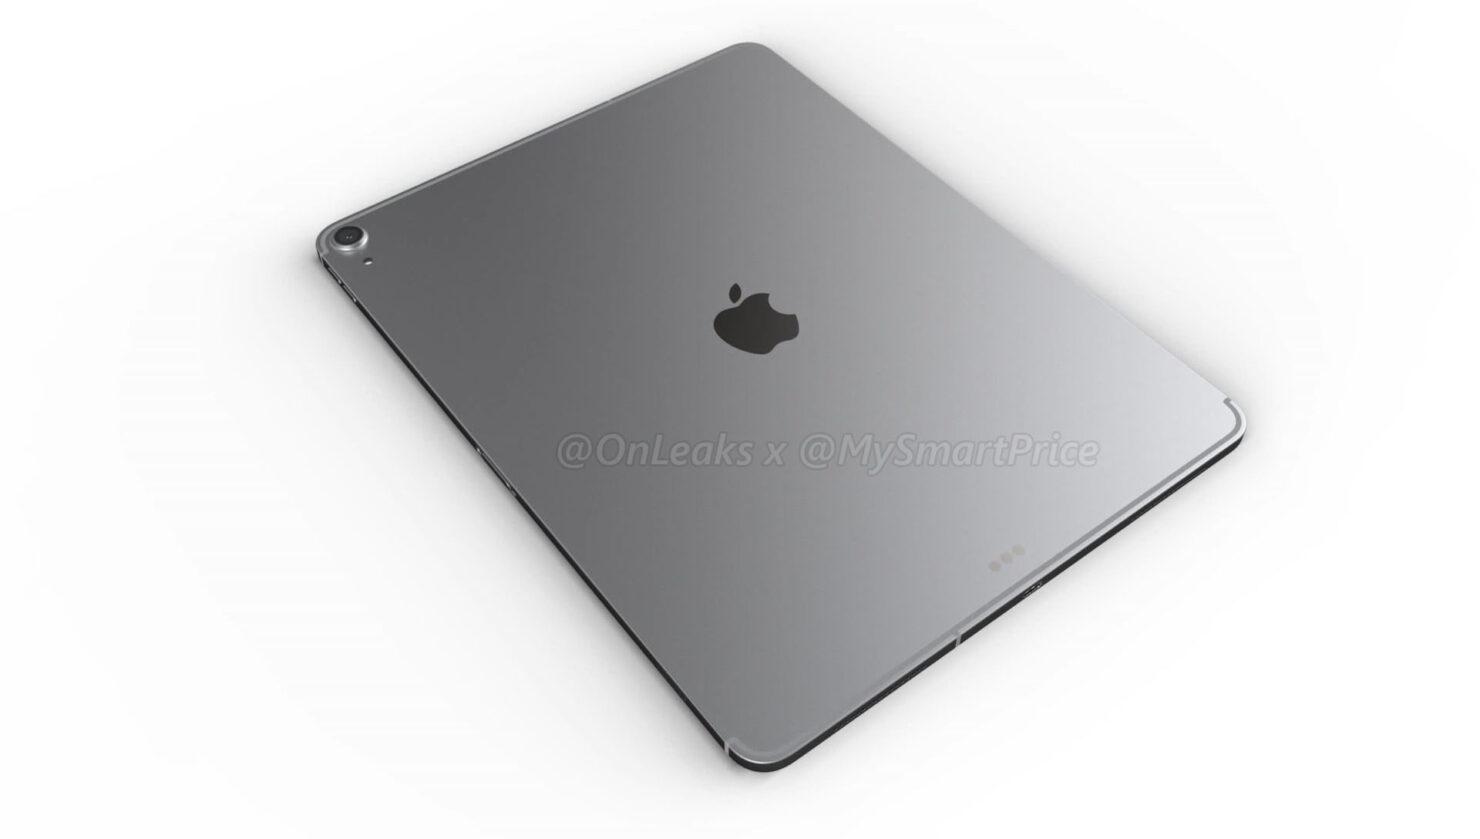 ipad-pro-12-9-inch-cad-renders-12